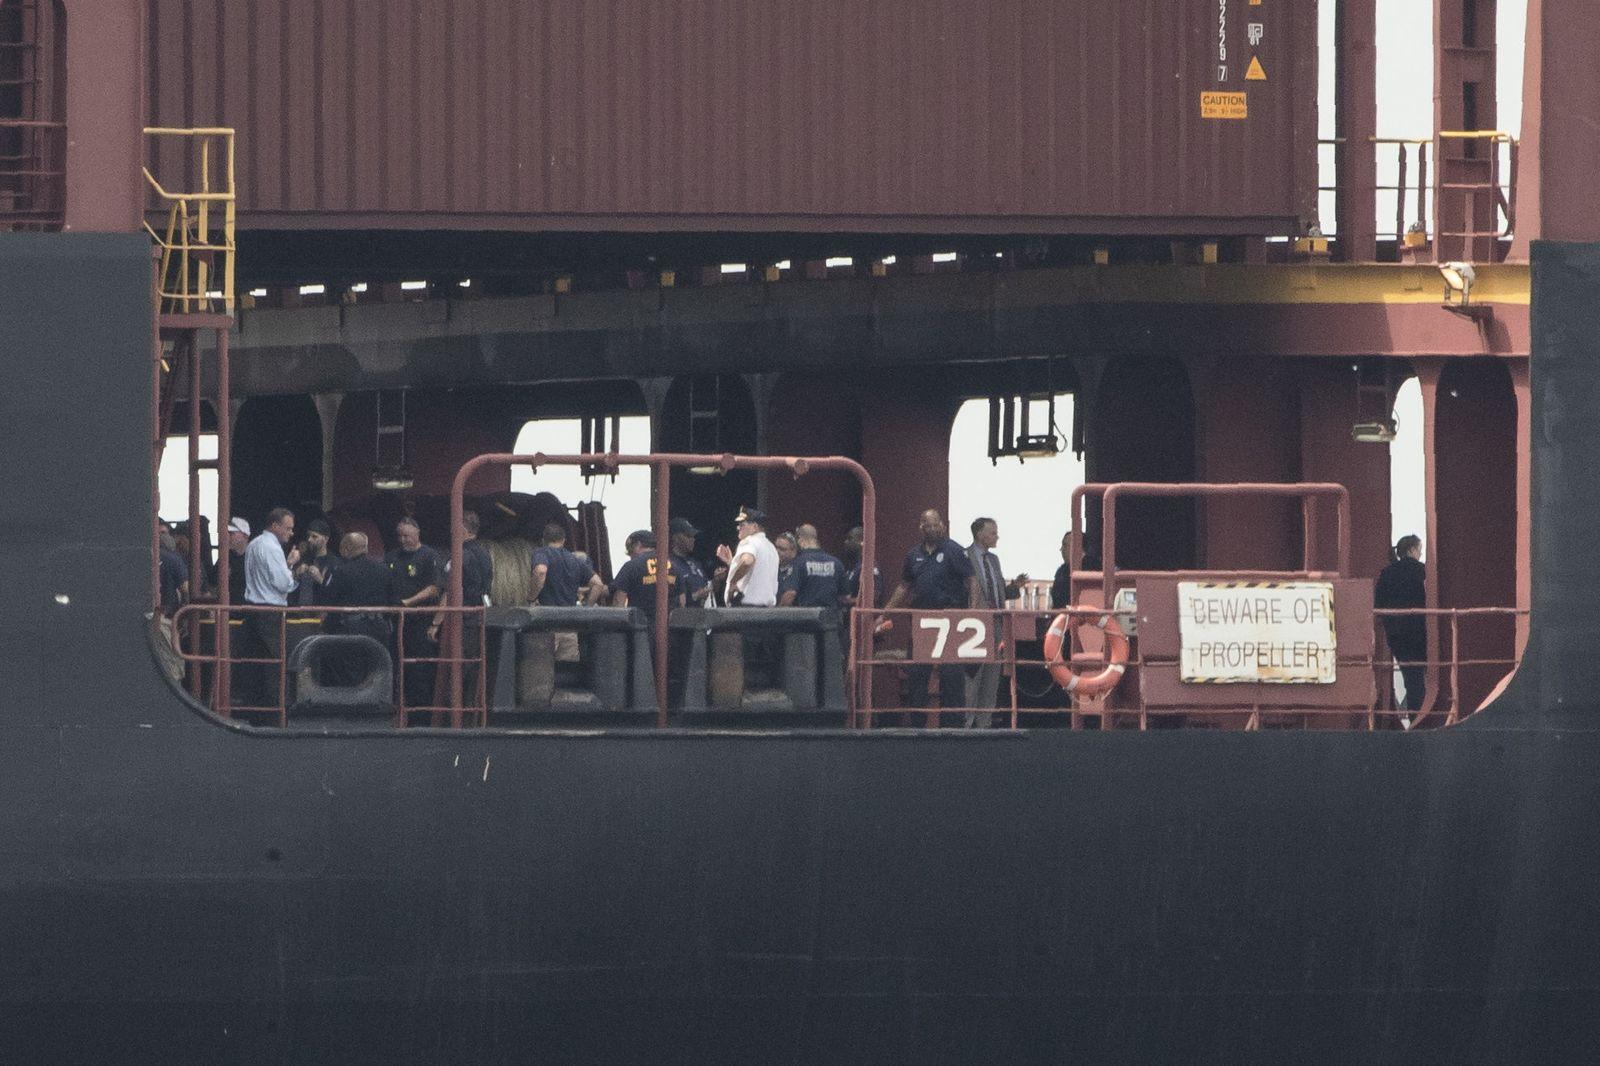 Kokainfund im Hafen von Philadelphia